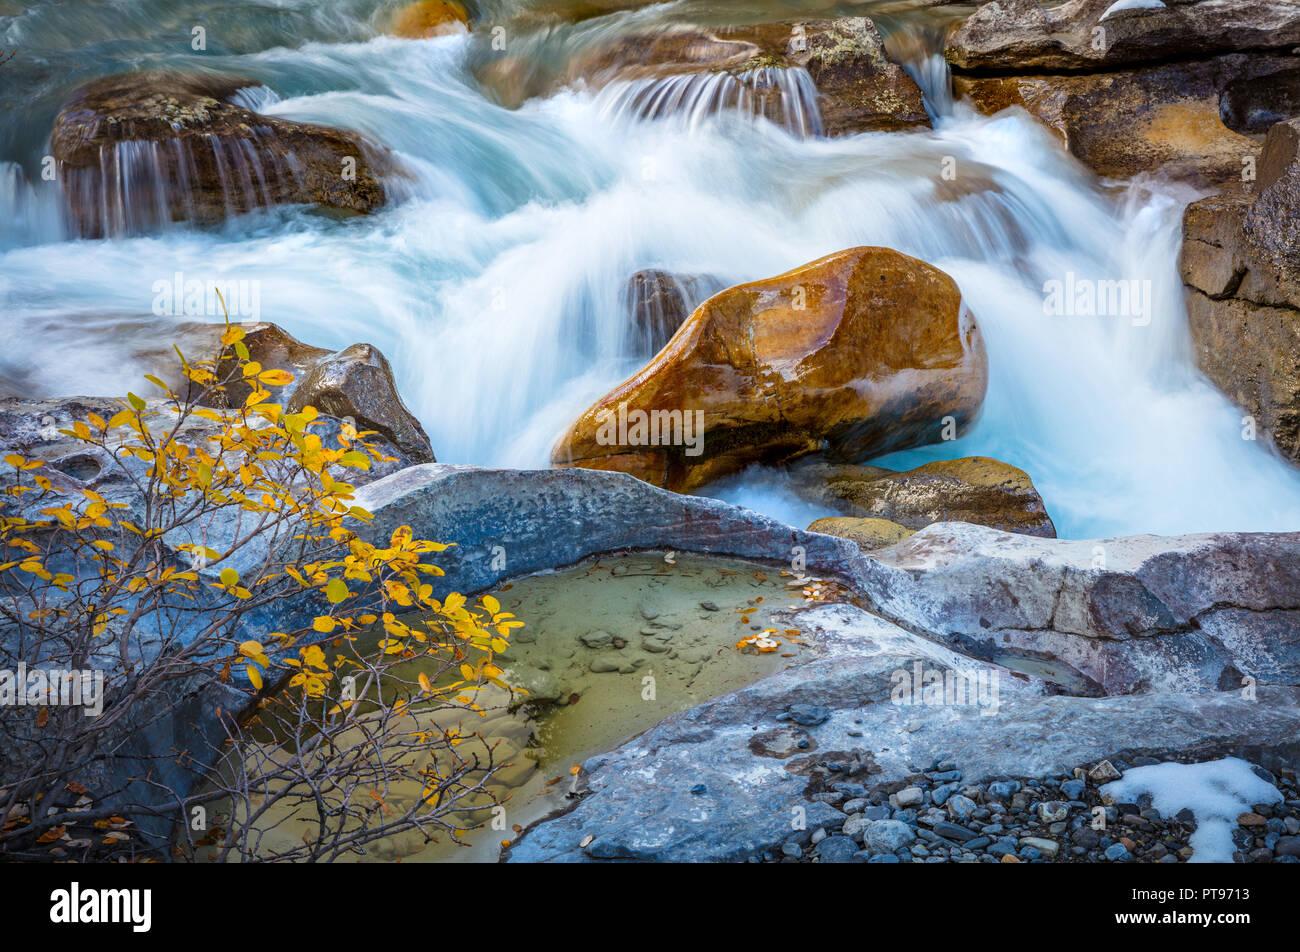 Nigel Creek ist ein kurzer Stream in den Kanadischen Rocky Mountains von Alberta, Kanada. Stockfoto